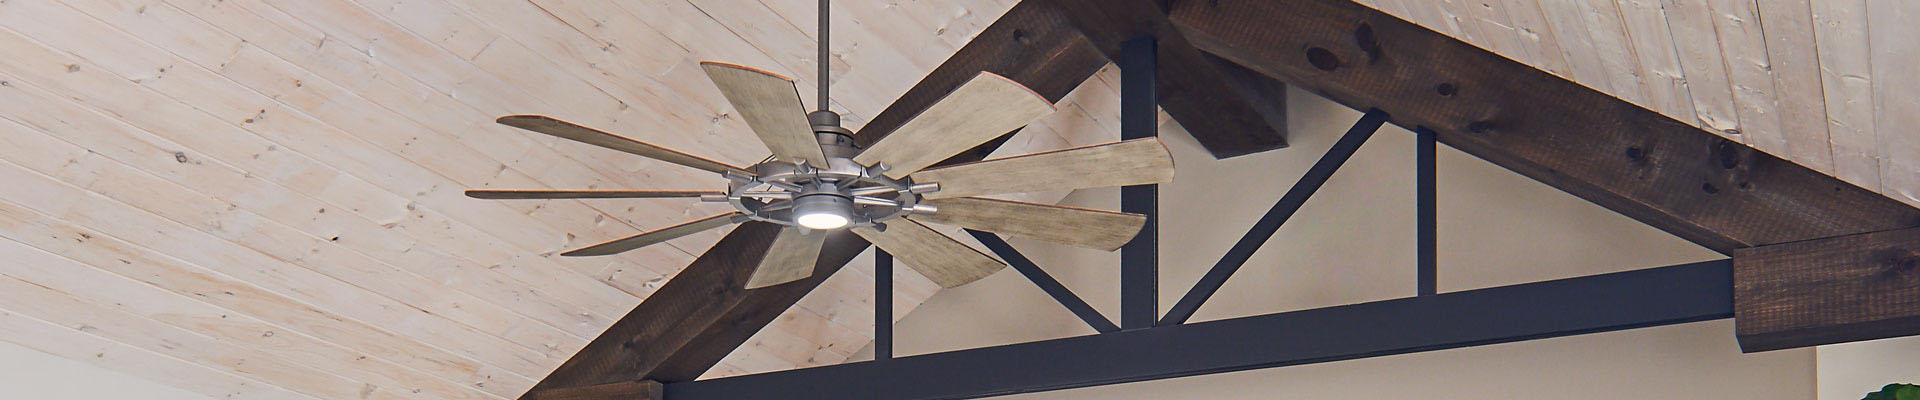 Kichler Ceiling And Wall Fan Warranty Lighting